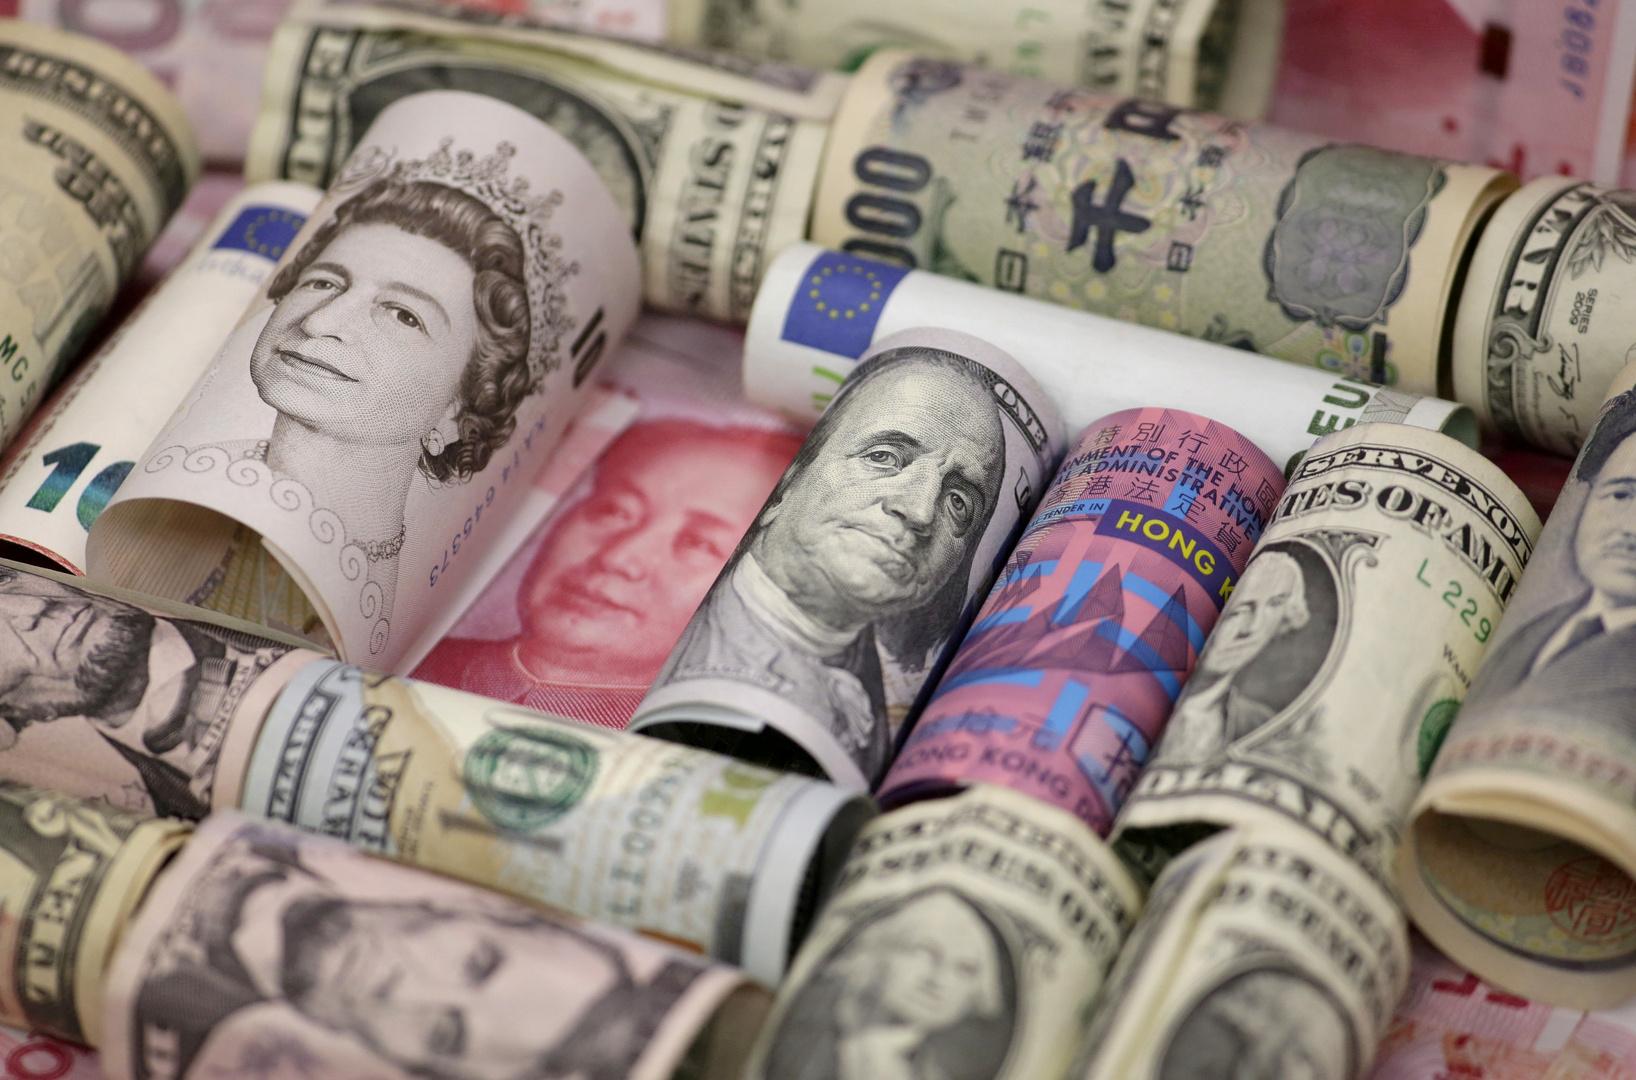 تقرير: الصين الوحيدة التي ستنمو في 2020 بين الاقتصادات الكبرى